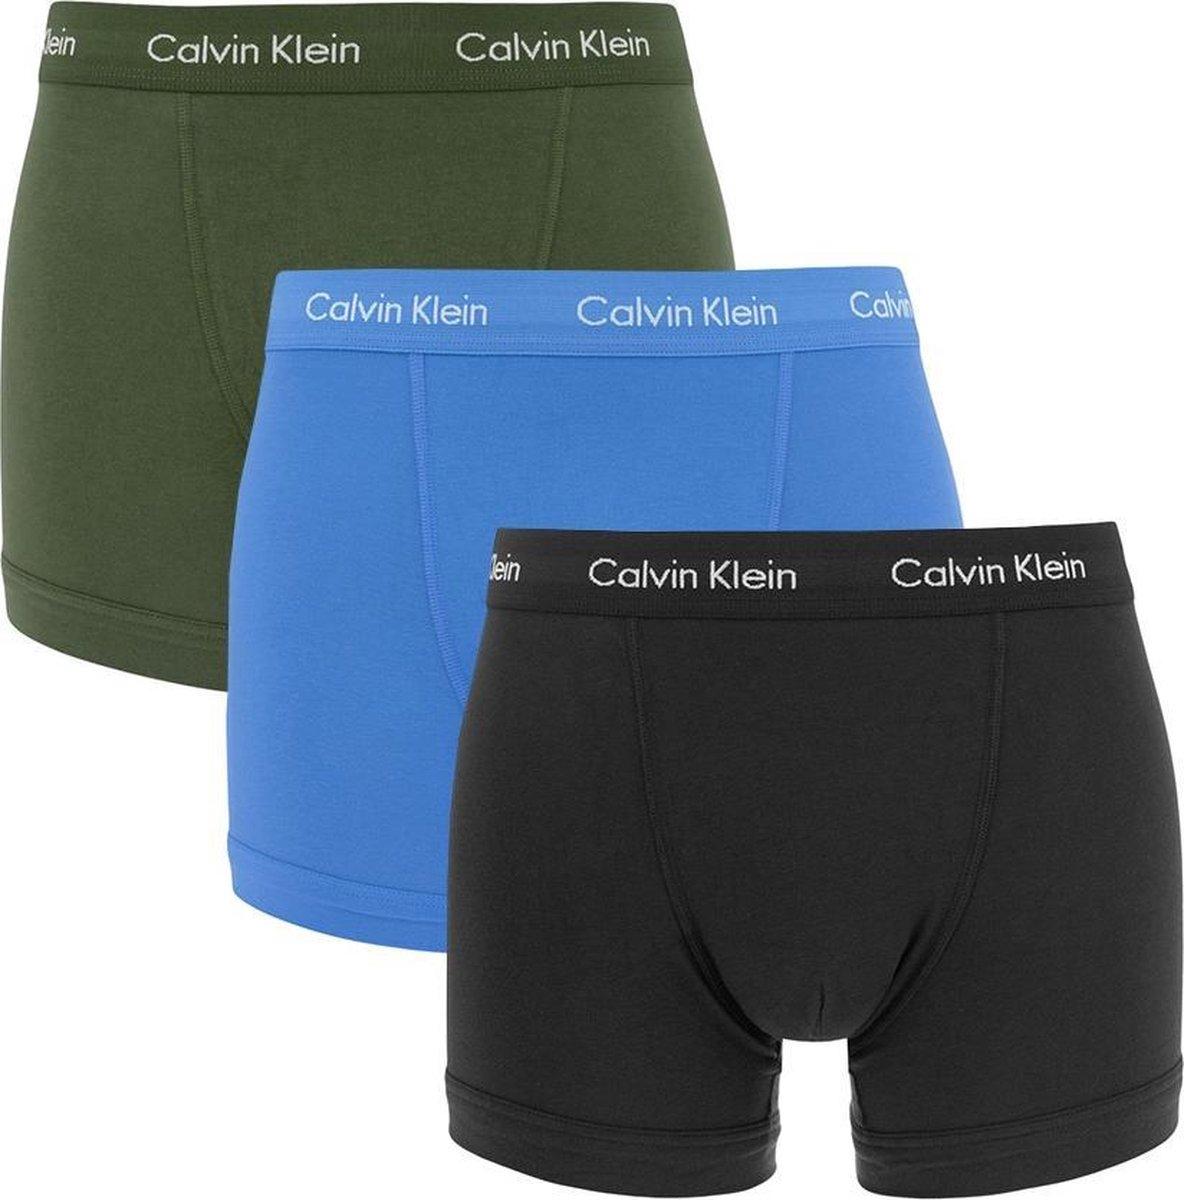 Calvin Klein Trunks (3-pack) - boxers normale lengte - zwart - kobaltblauw en olijfgroen -  Maat: L